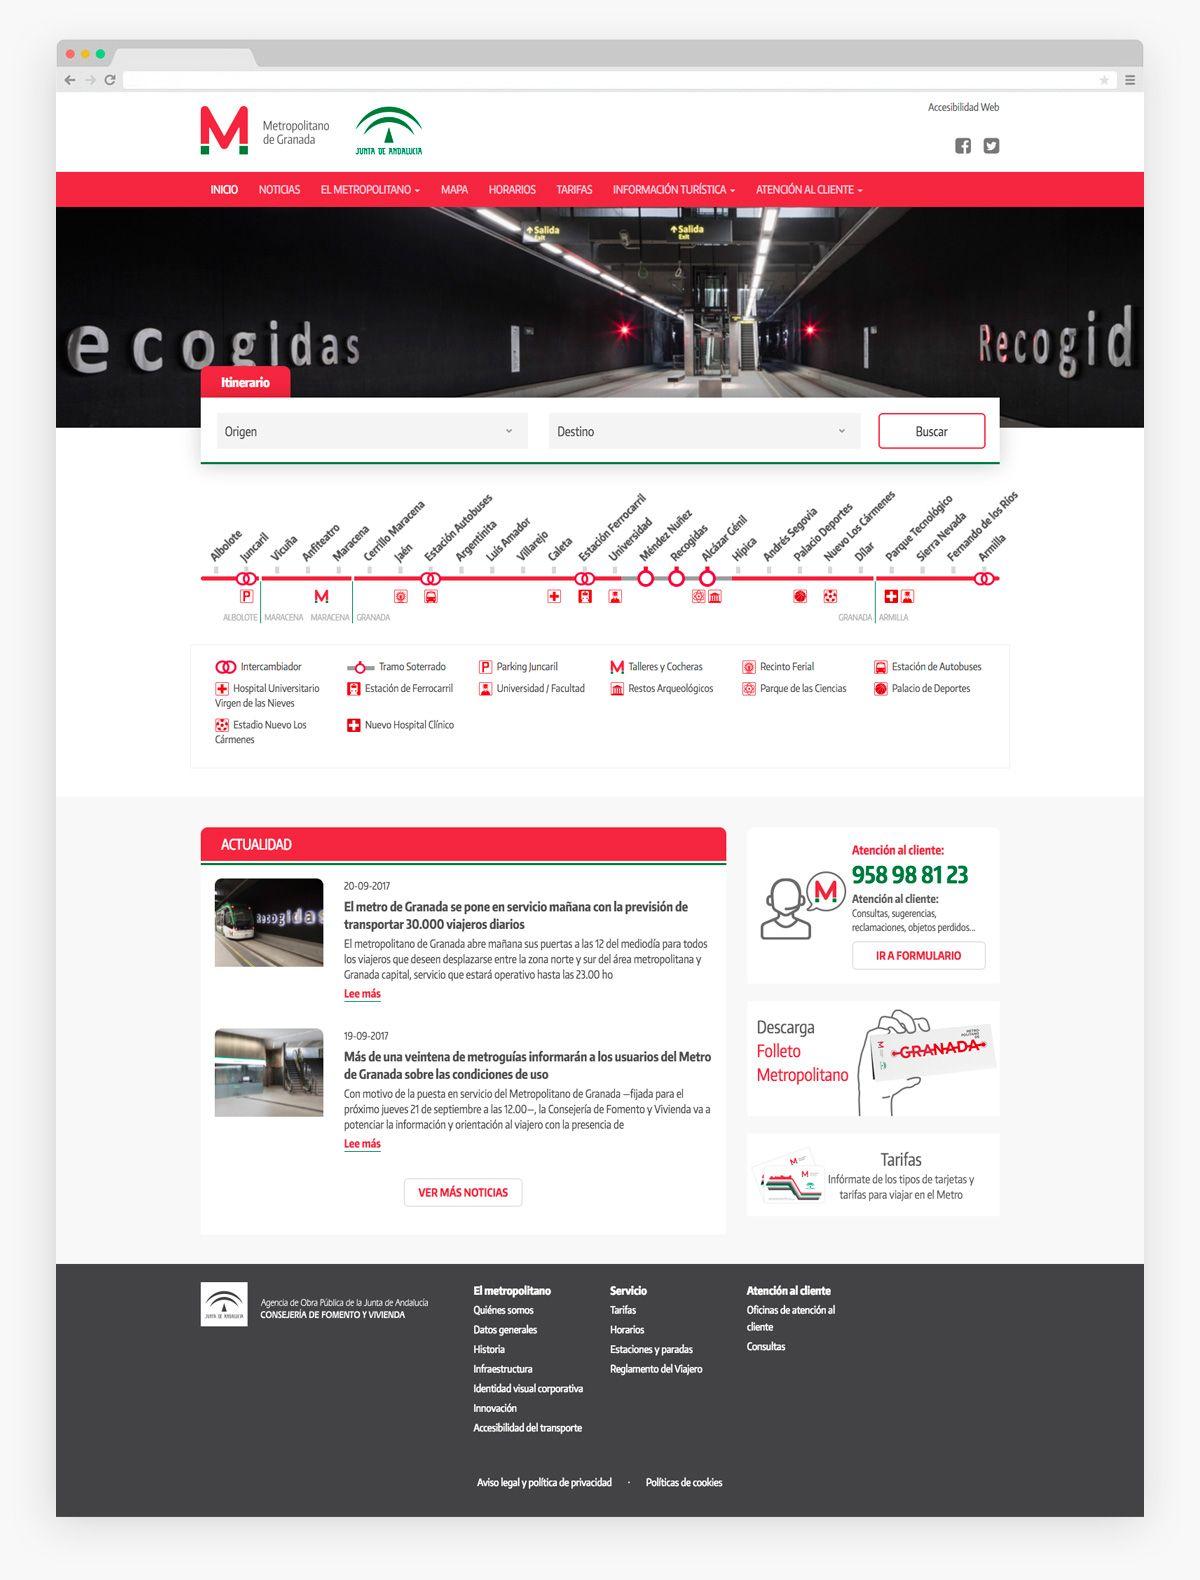 Imagen adicional 1 del proyecto Metropolitano Granada